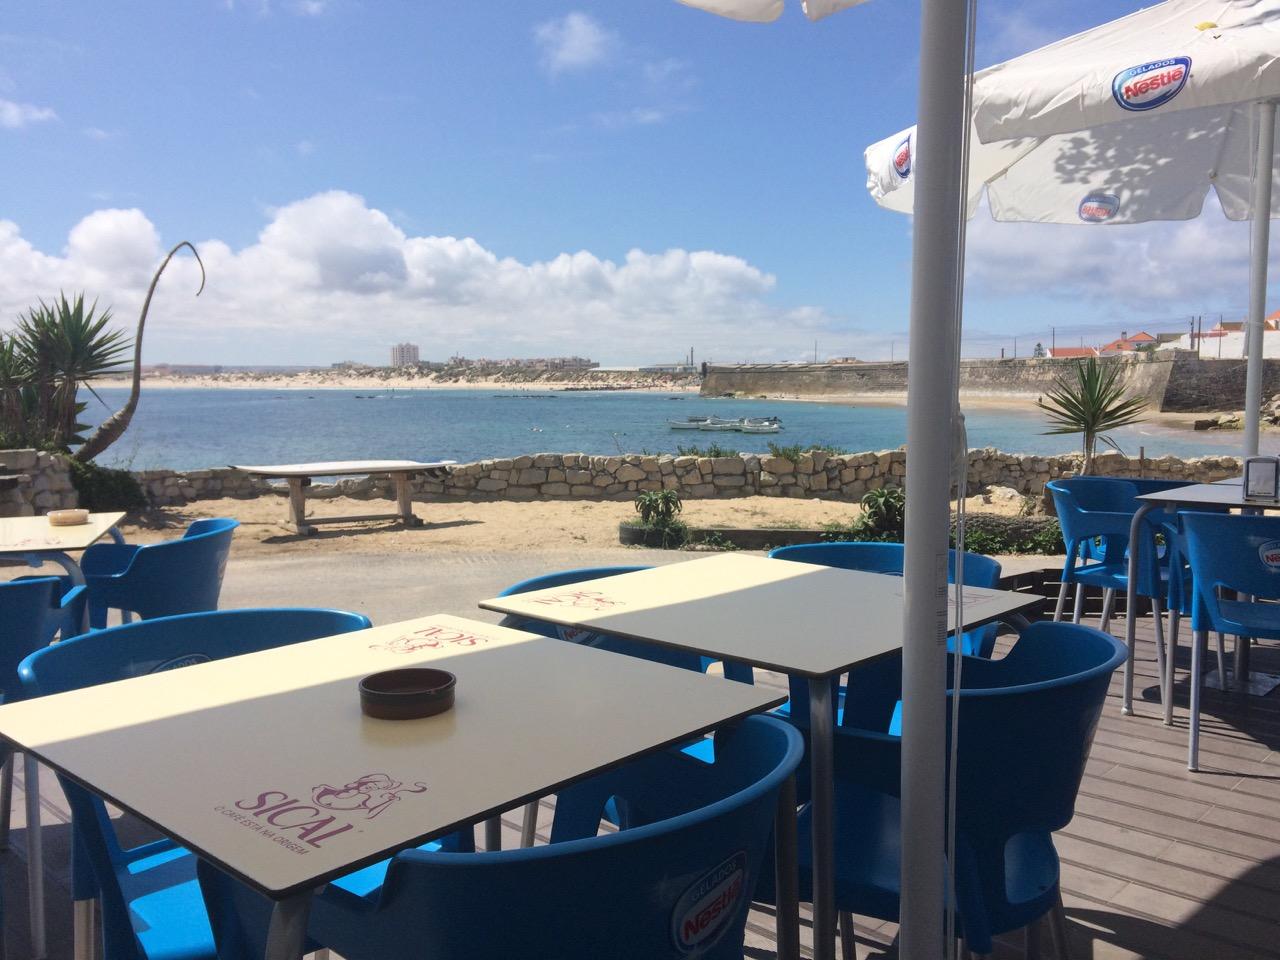 Café+beach